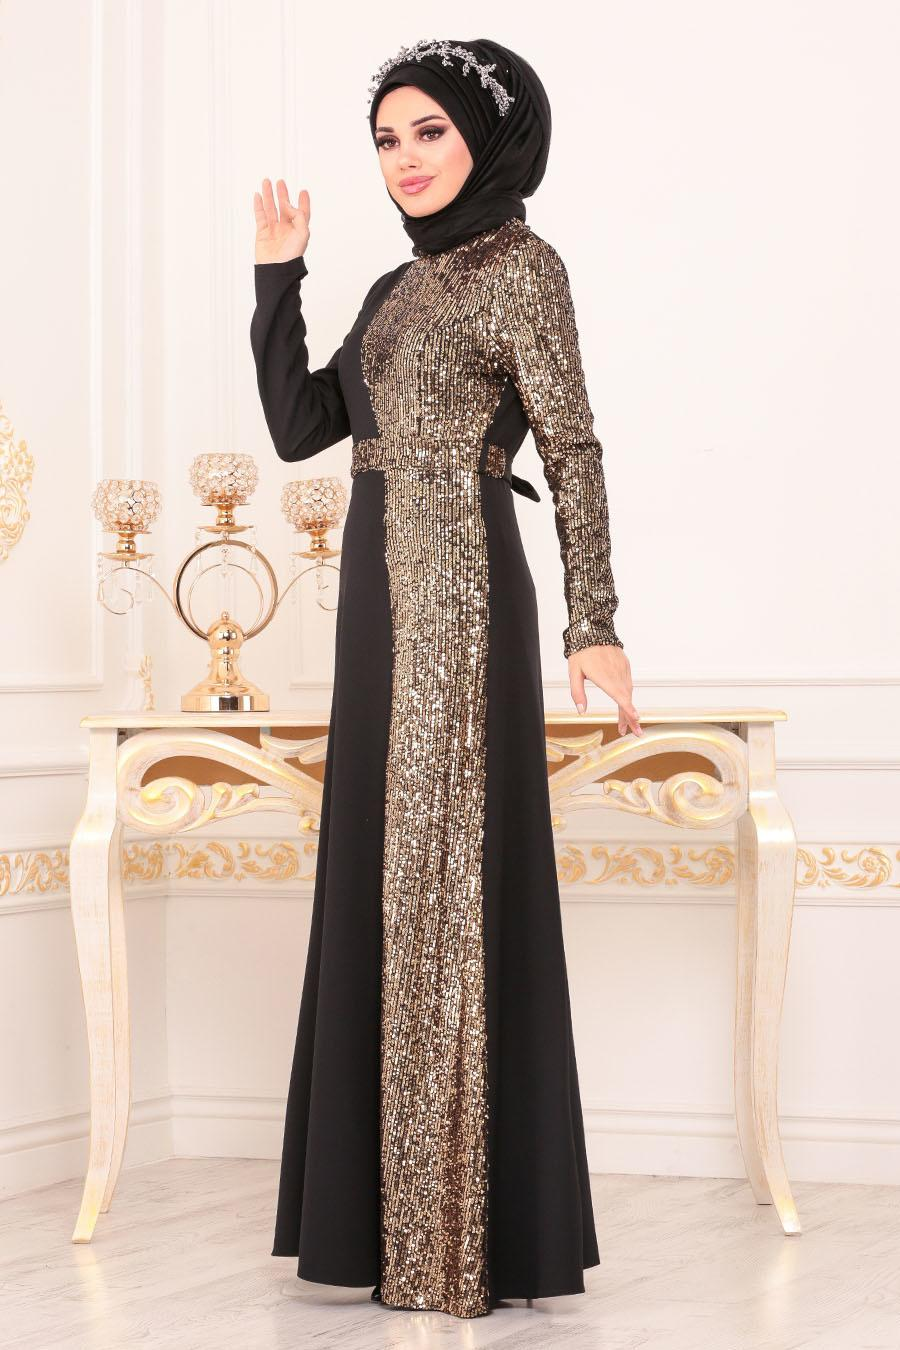 Tesettürlü Abiye Elbise - Pul Payetli Gold Tesettür Abiye Elbise 8611GOLD